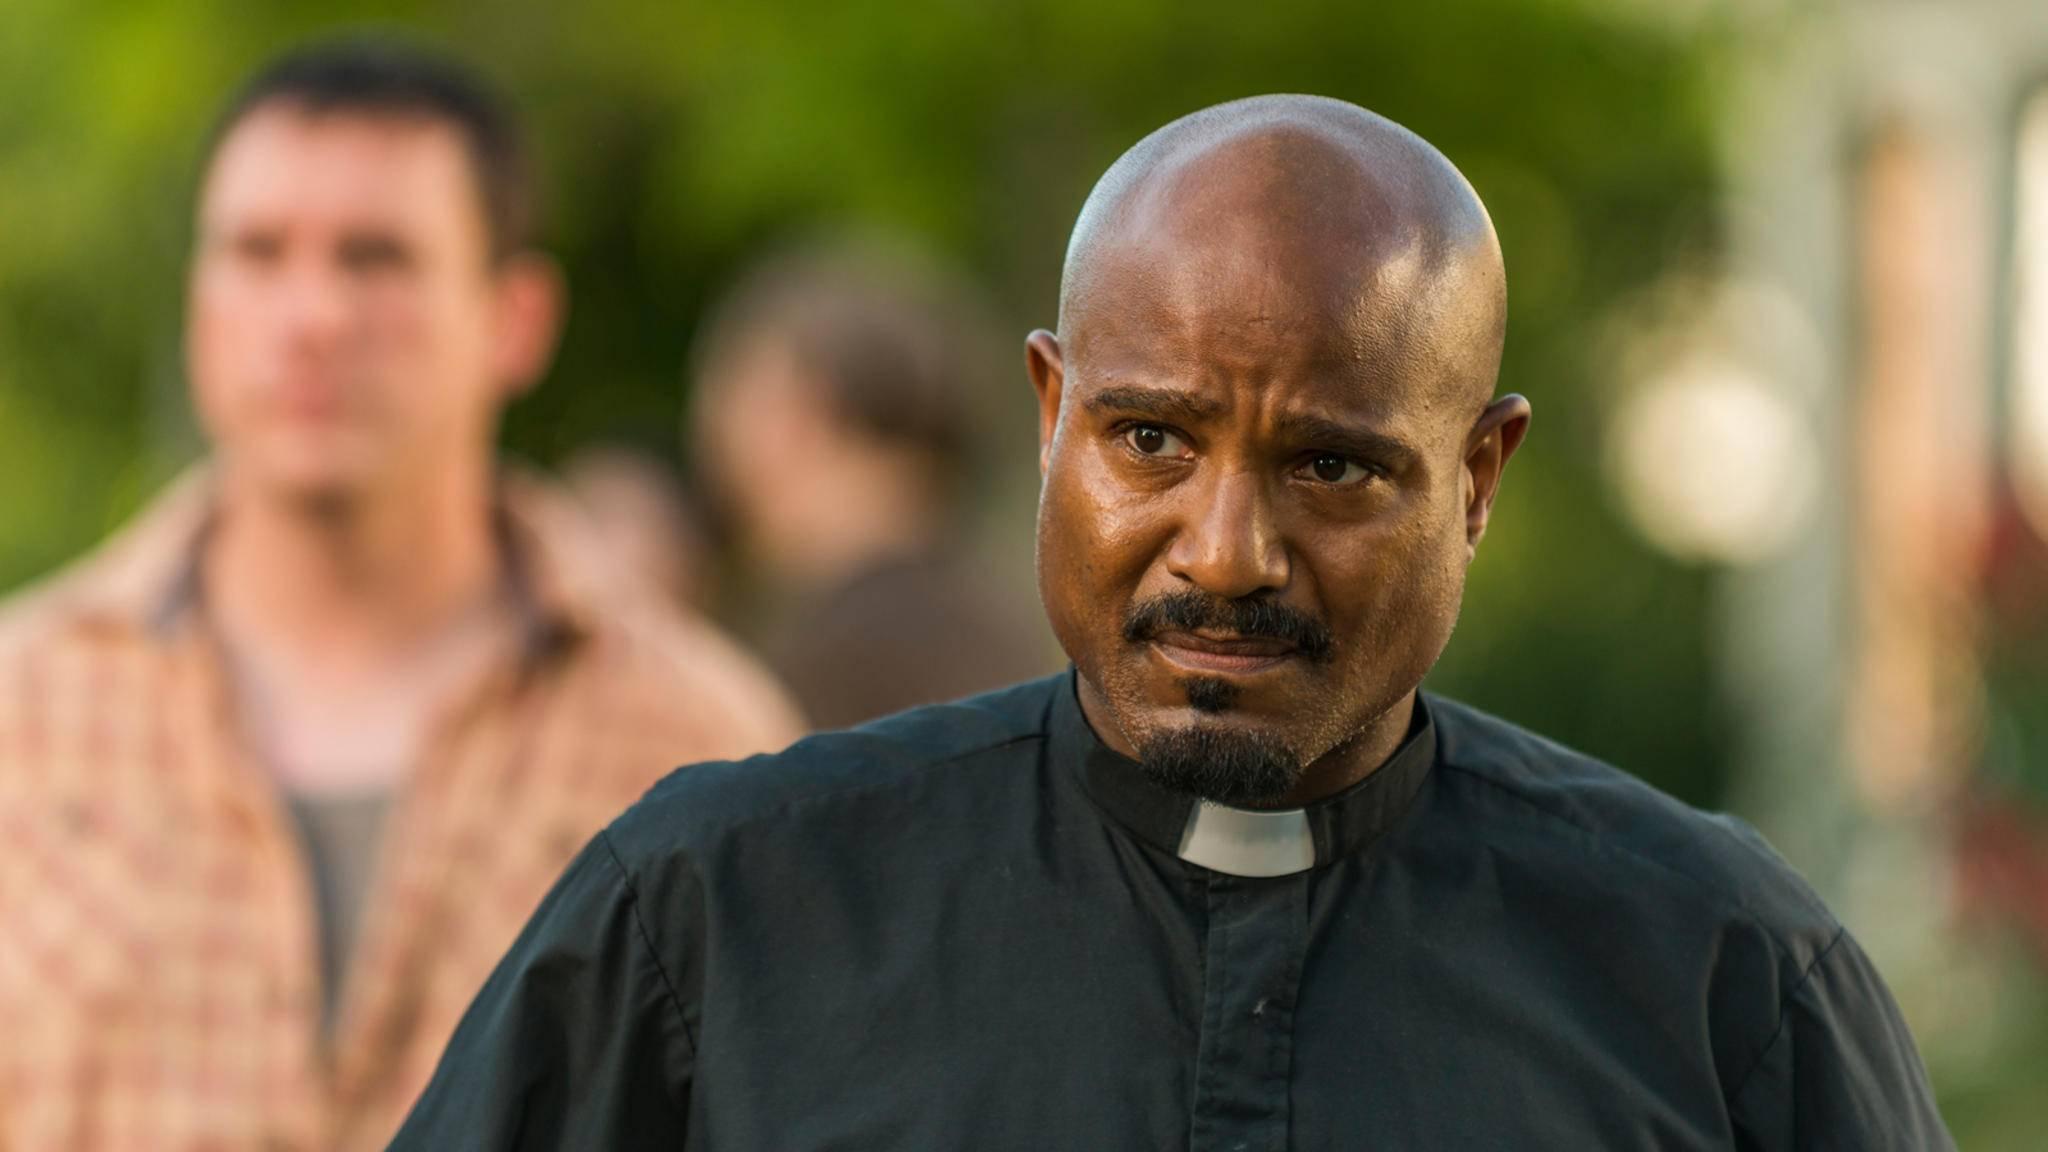 Während seiner Nachtwache ahnt Father Gabriel nicht, dass er heimlich beobachtet wird.